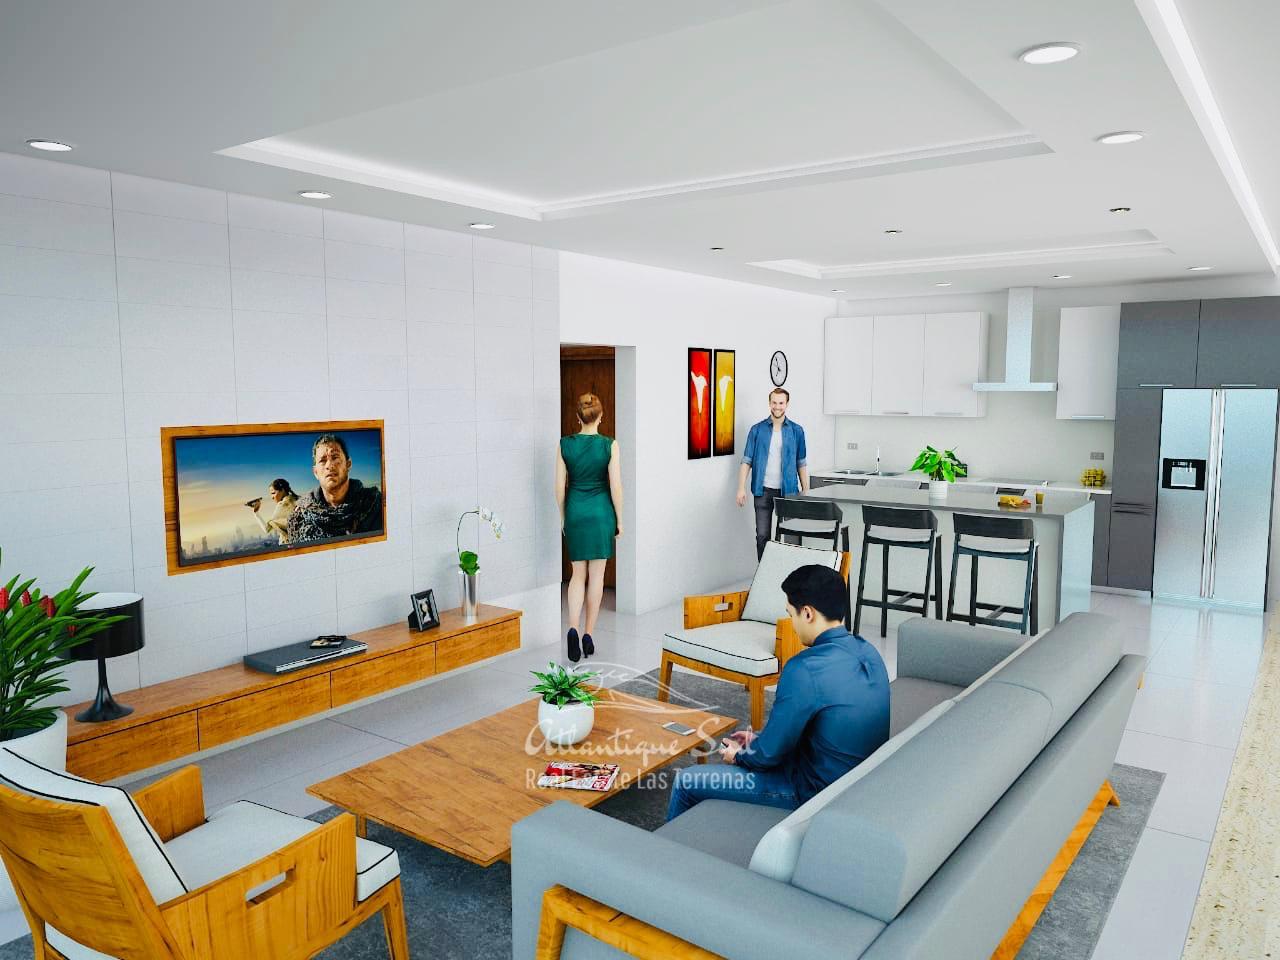 Modern condominium in central location Real Estate Las Terrenas Atlantique Sud Dominican Republic3.jpg